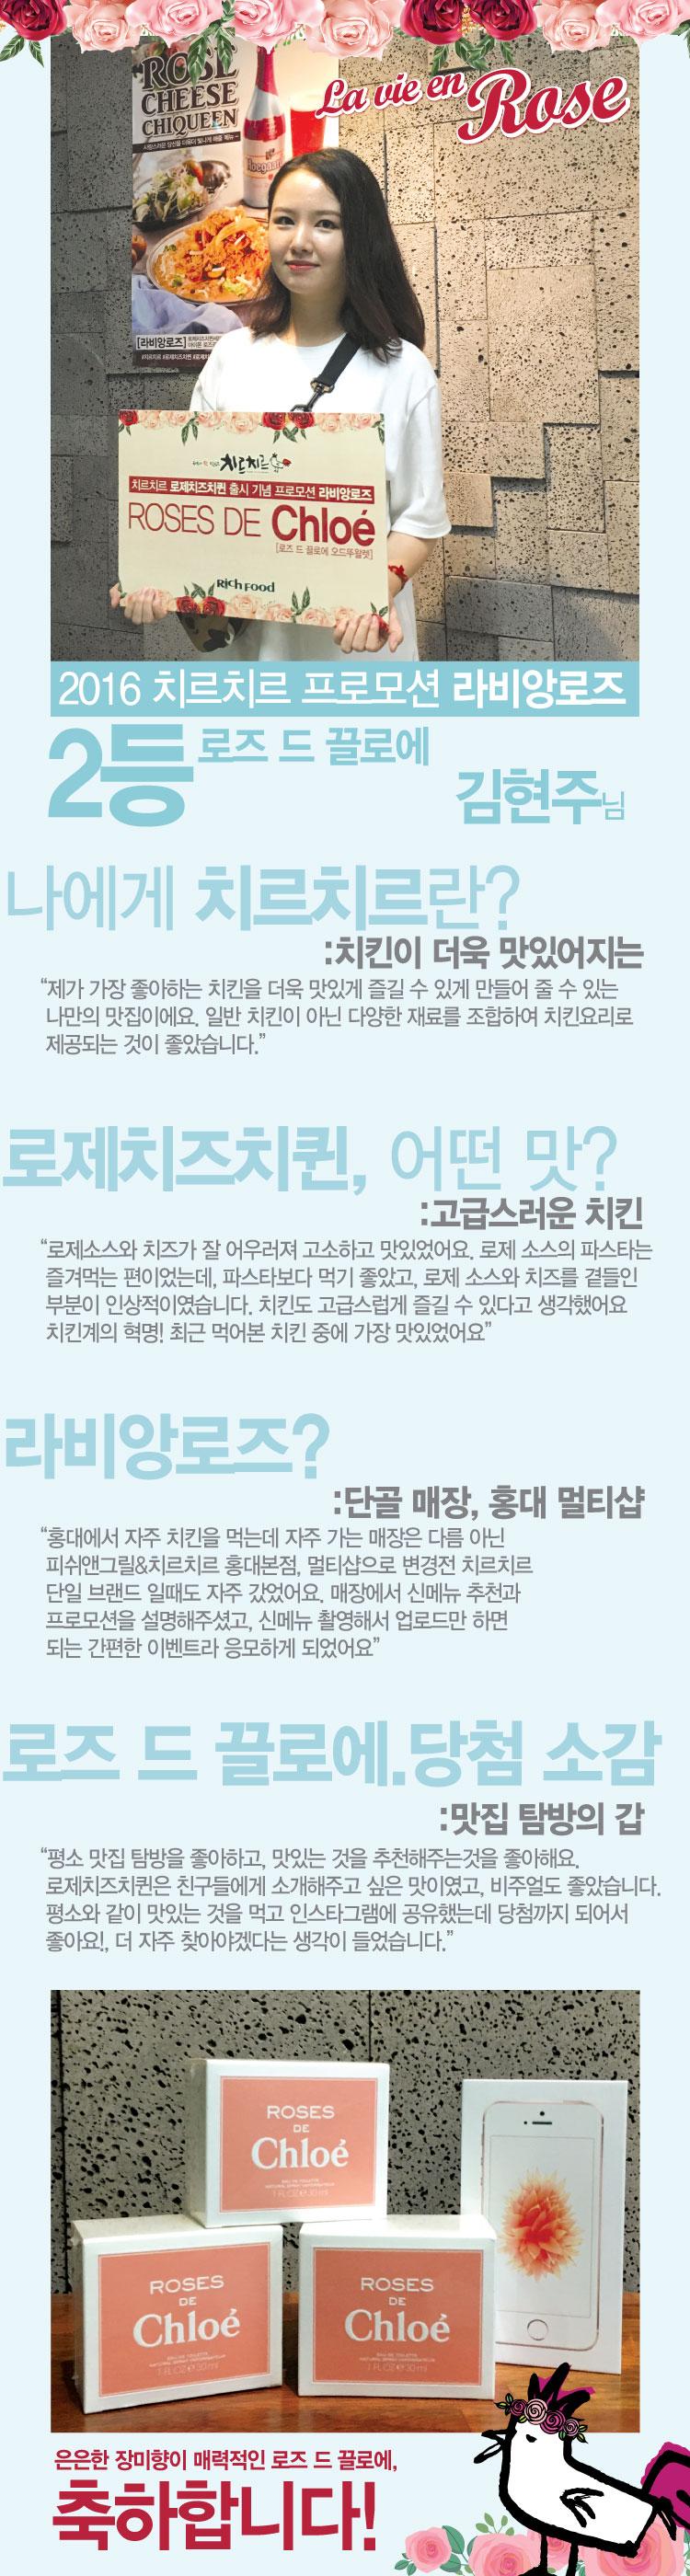 [홈페이지]치르치르_라비앙로즈(2등)김현주.jpg